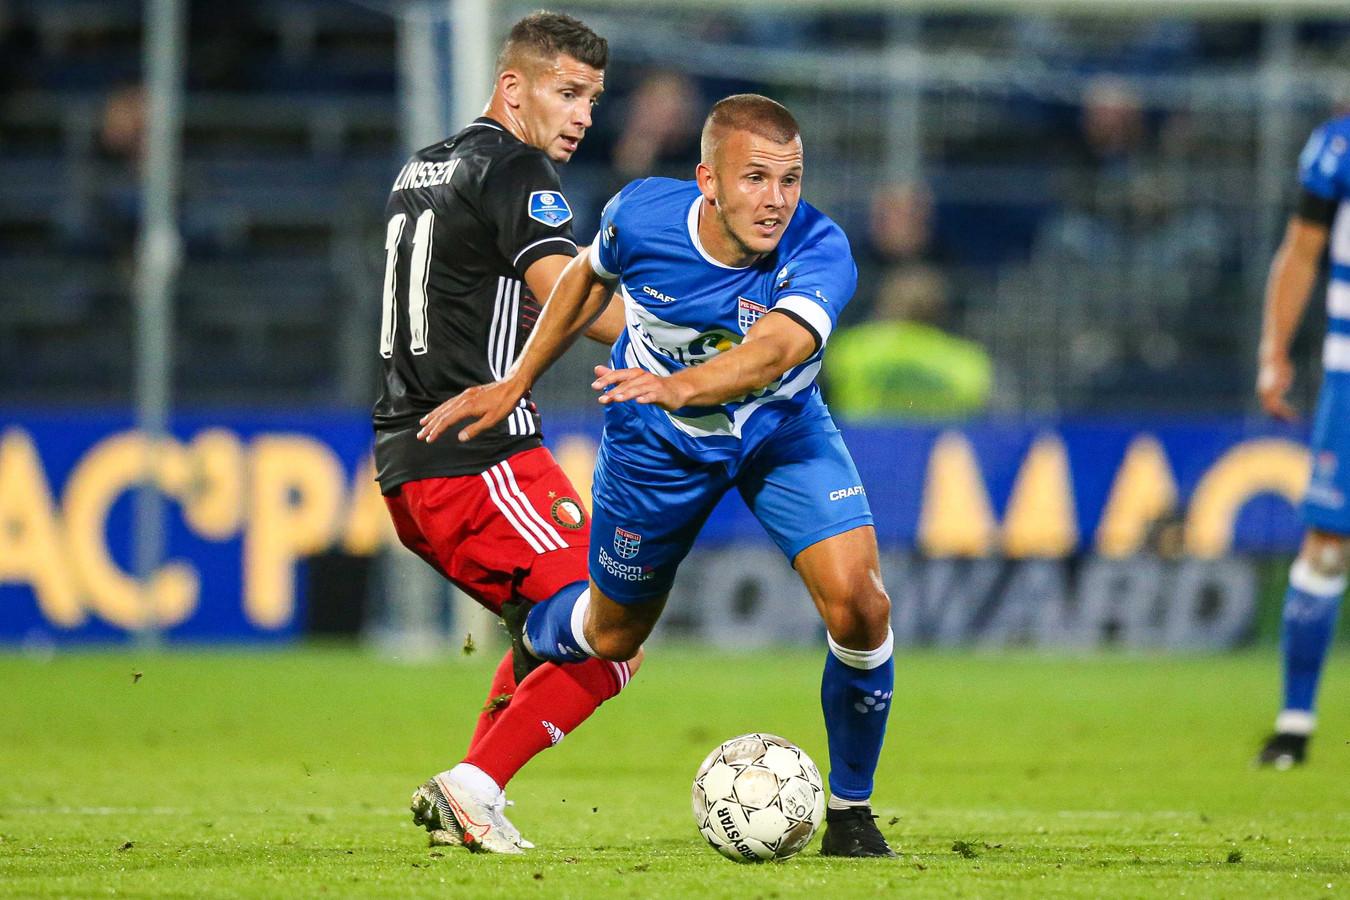 Jesper Drost (rechts) draait weg bij Feyenoorder Bryan Linssen. De middenvelder van PEC Zwolle maakte zaterdag na een lange revalidatie zijn rentree in de eredivisie.